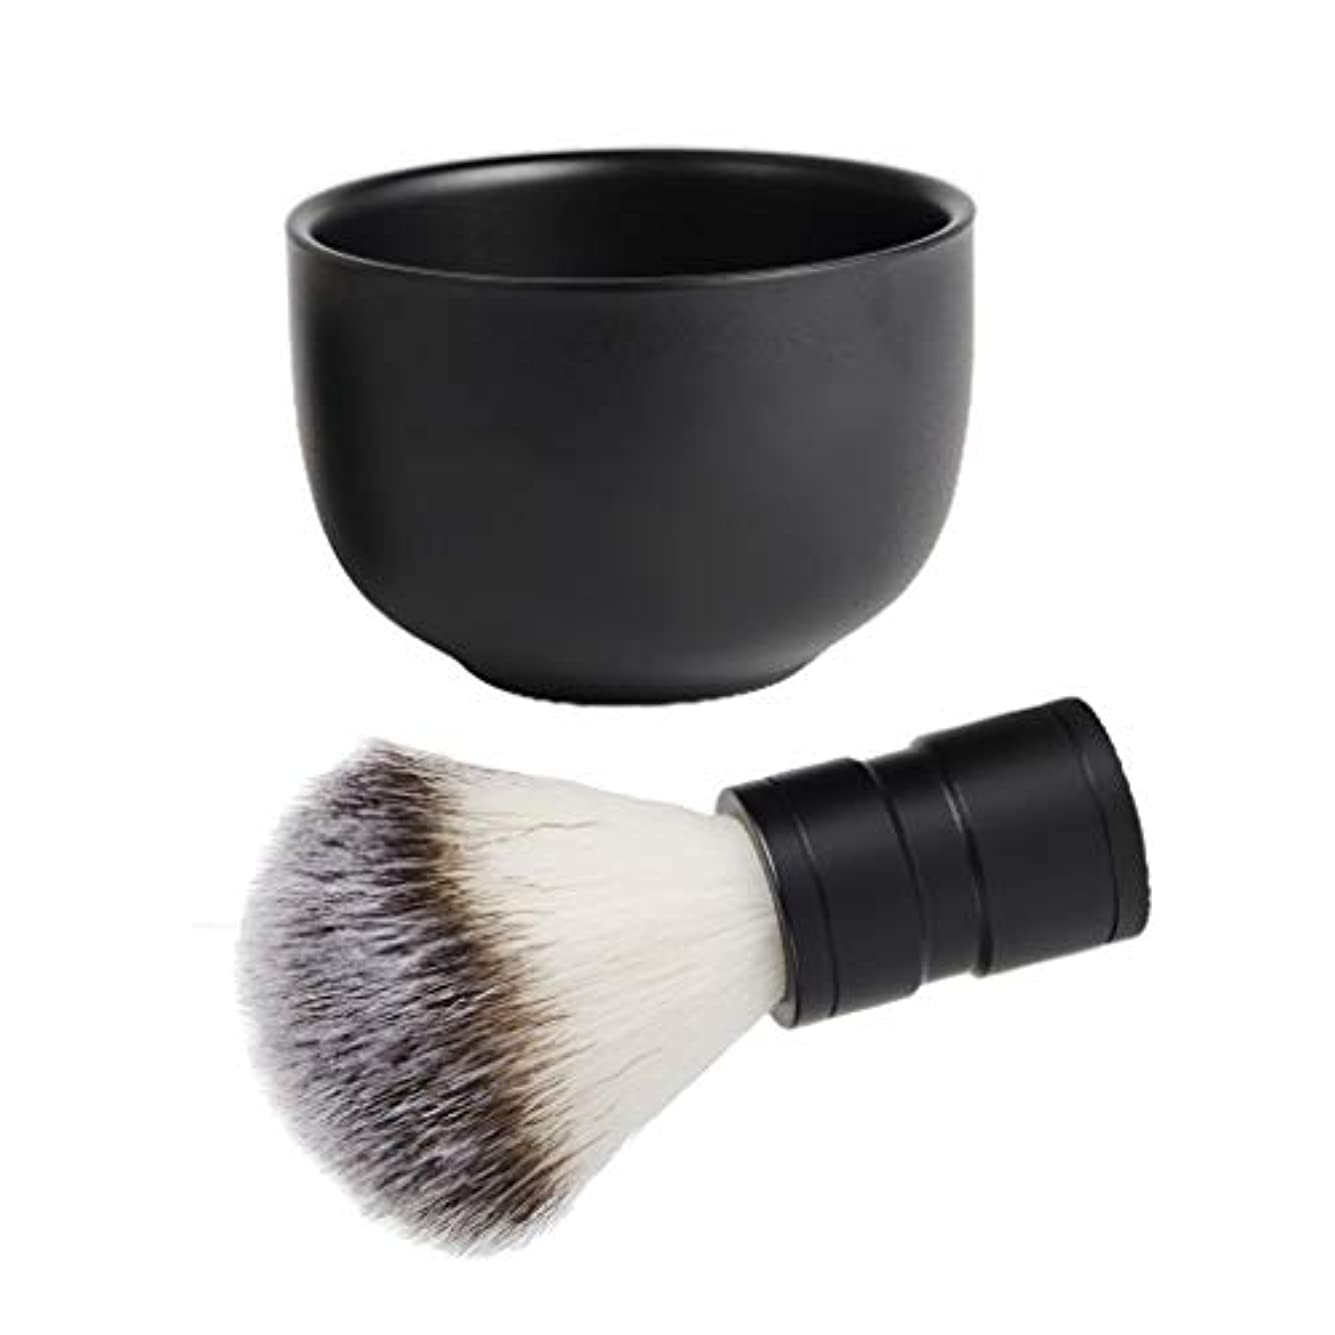 成功した引き算投資するsharprepublic シェービングセット メンズ シェービングブラシ シェービングカップ シェービングボウル ひげ剃りキット